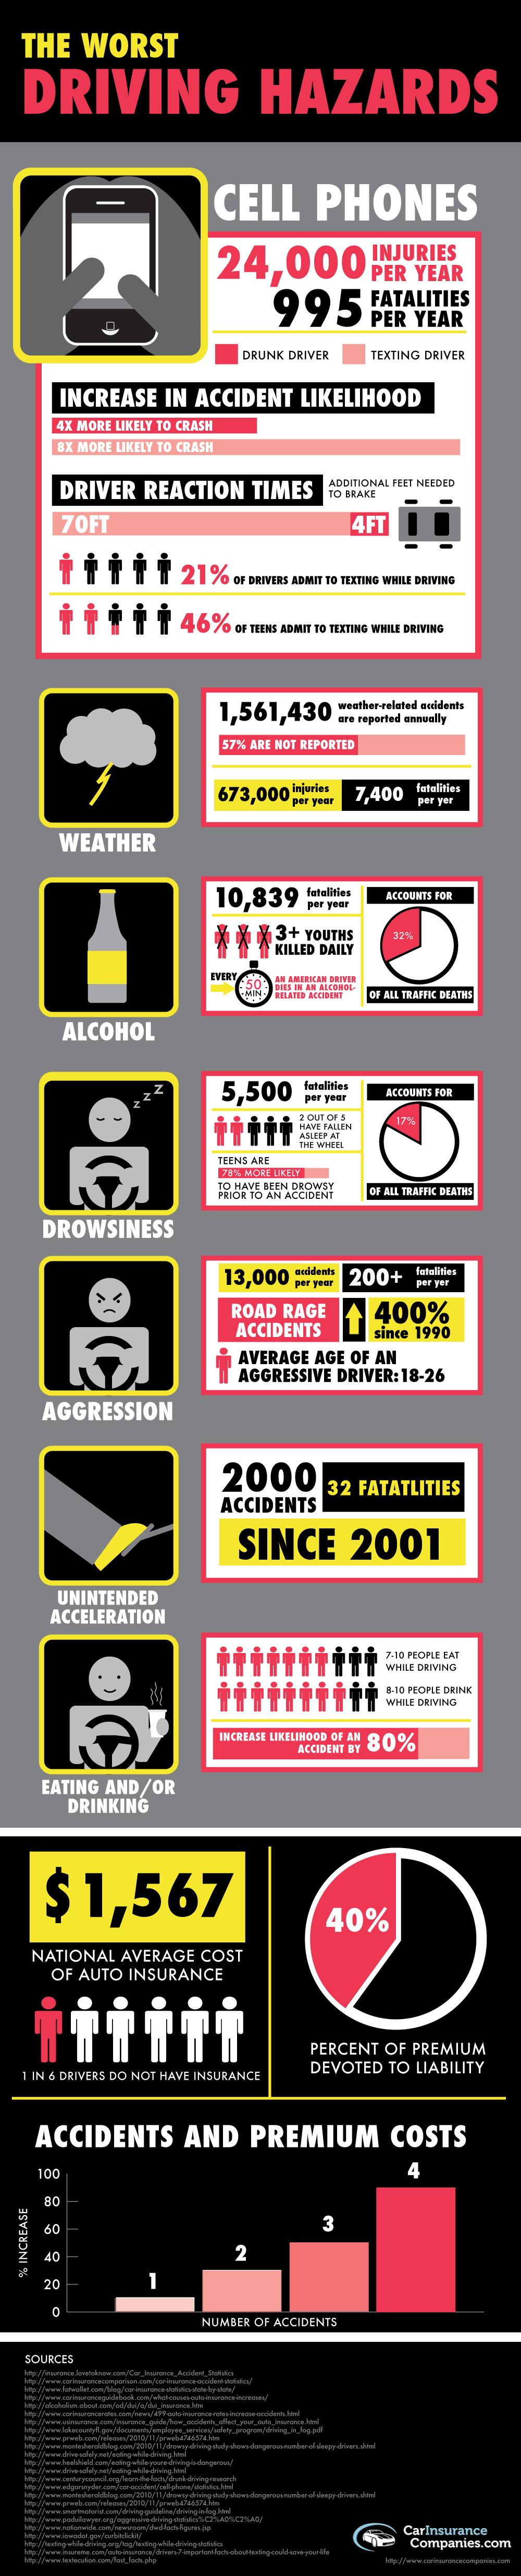 Dangerous Driving Statistics